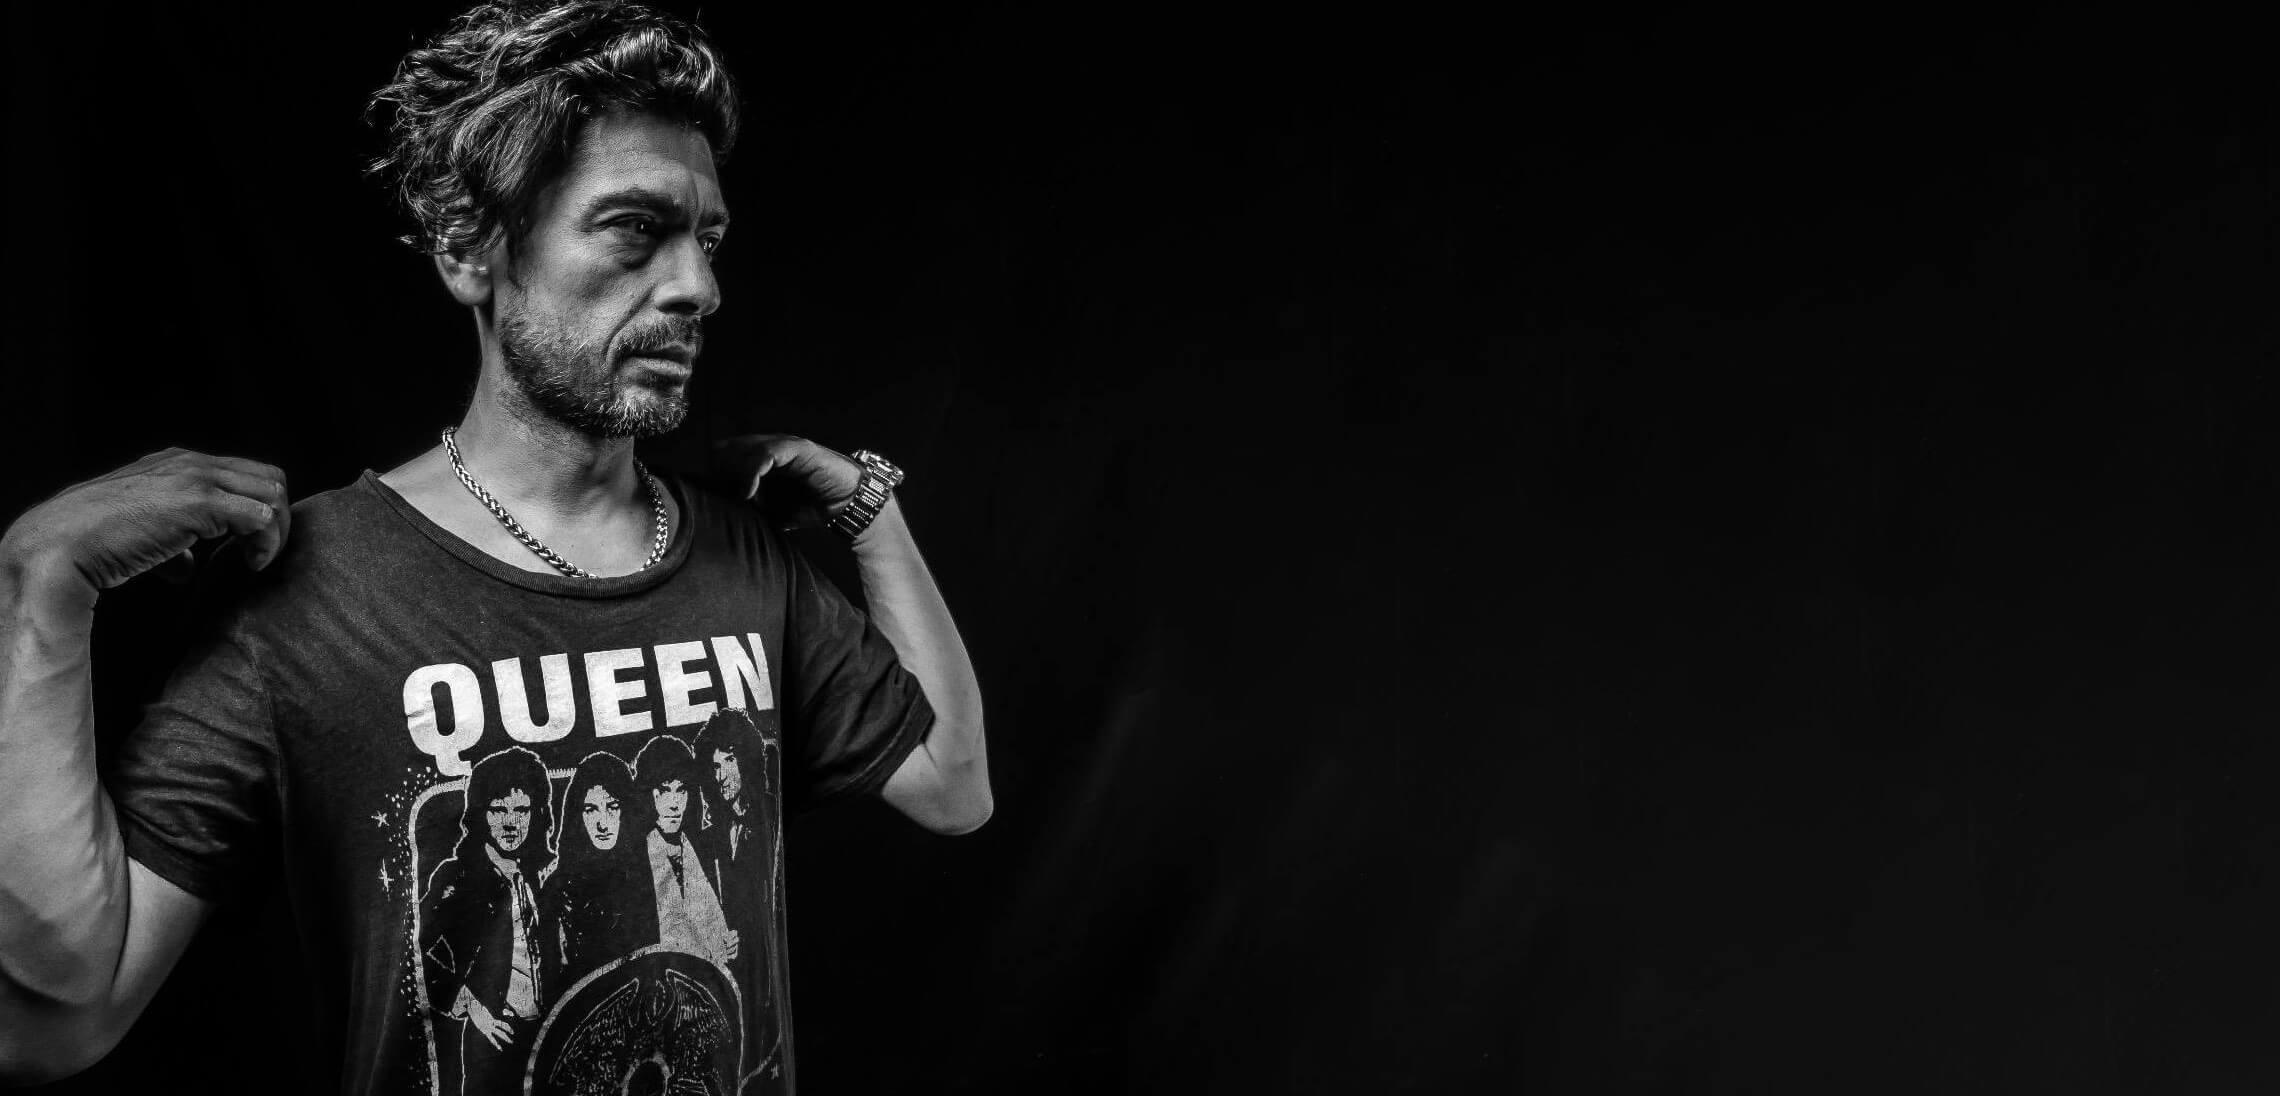 Francisco Allendes & Aldo Cadiz - Esa Nena Quiere 2020 Remixes hero